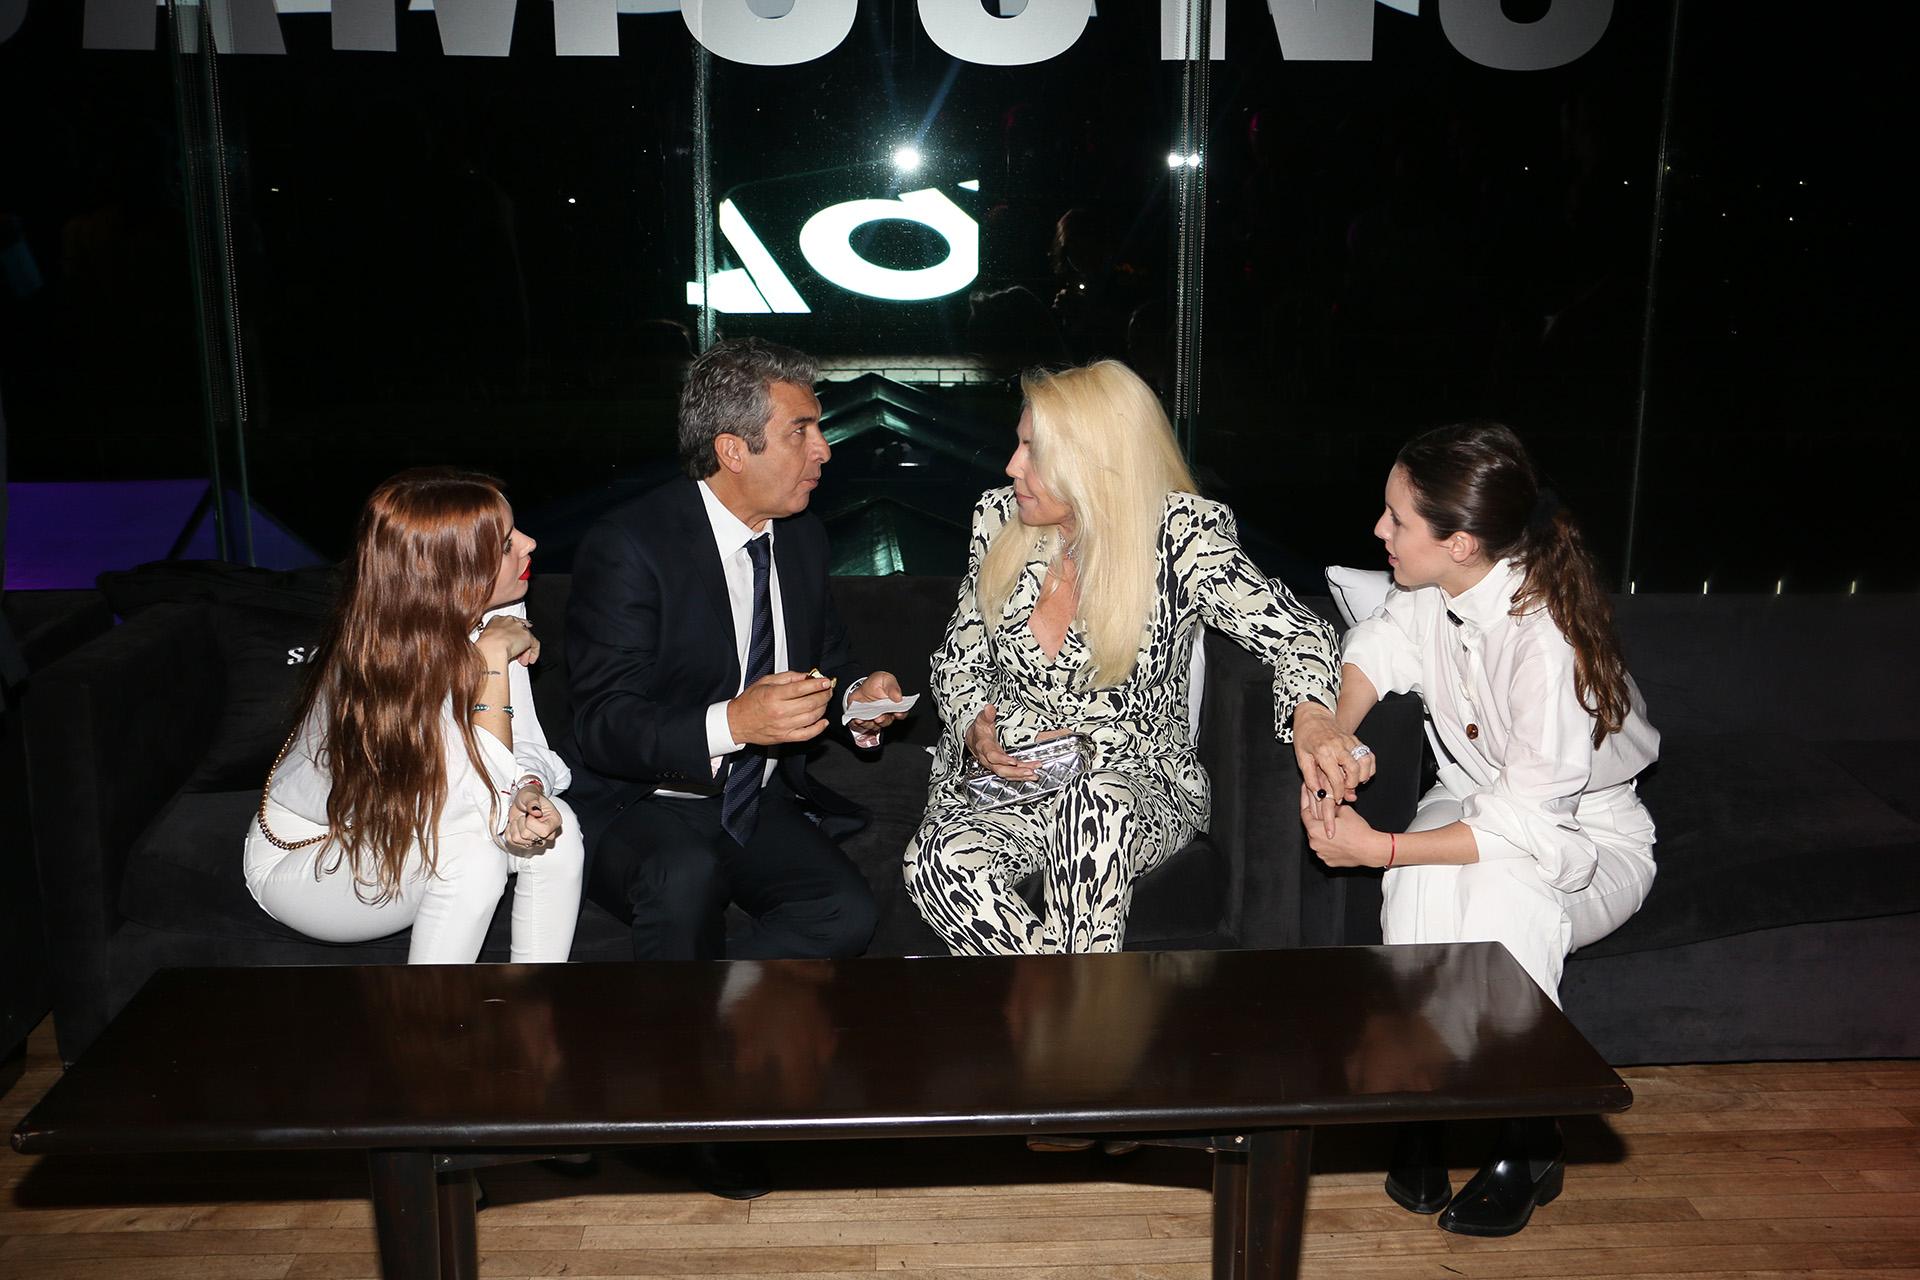 Como una familia ensamblada: Darín y Susanaconversan; escuchan atentas la nieta de la conductora y la hija del actor